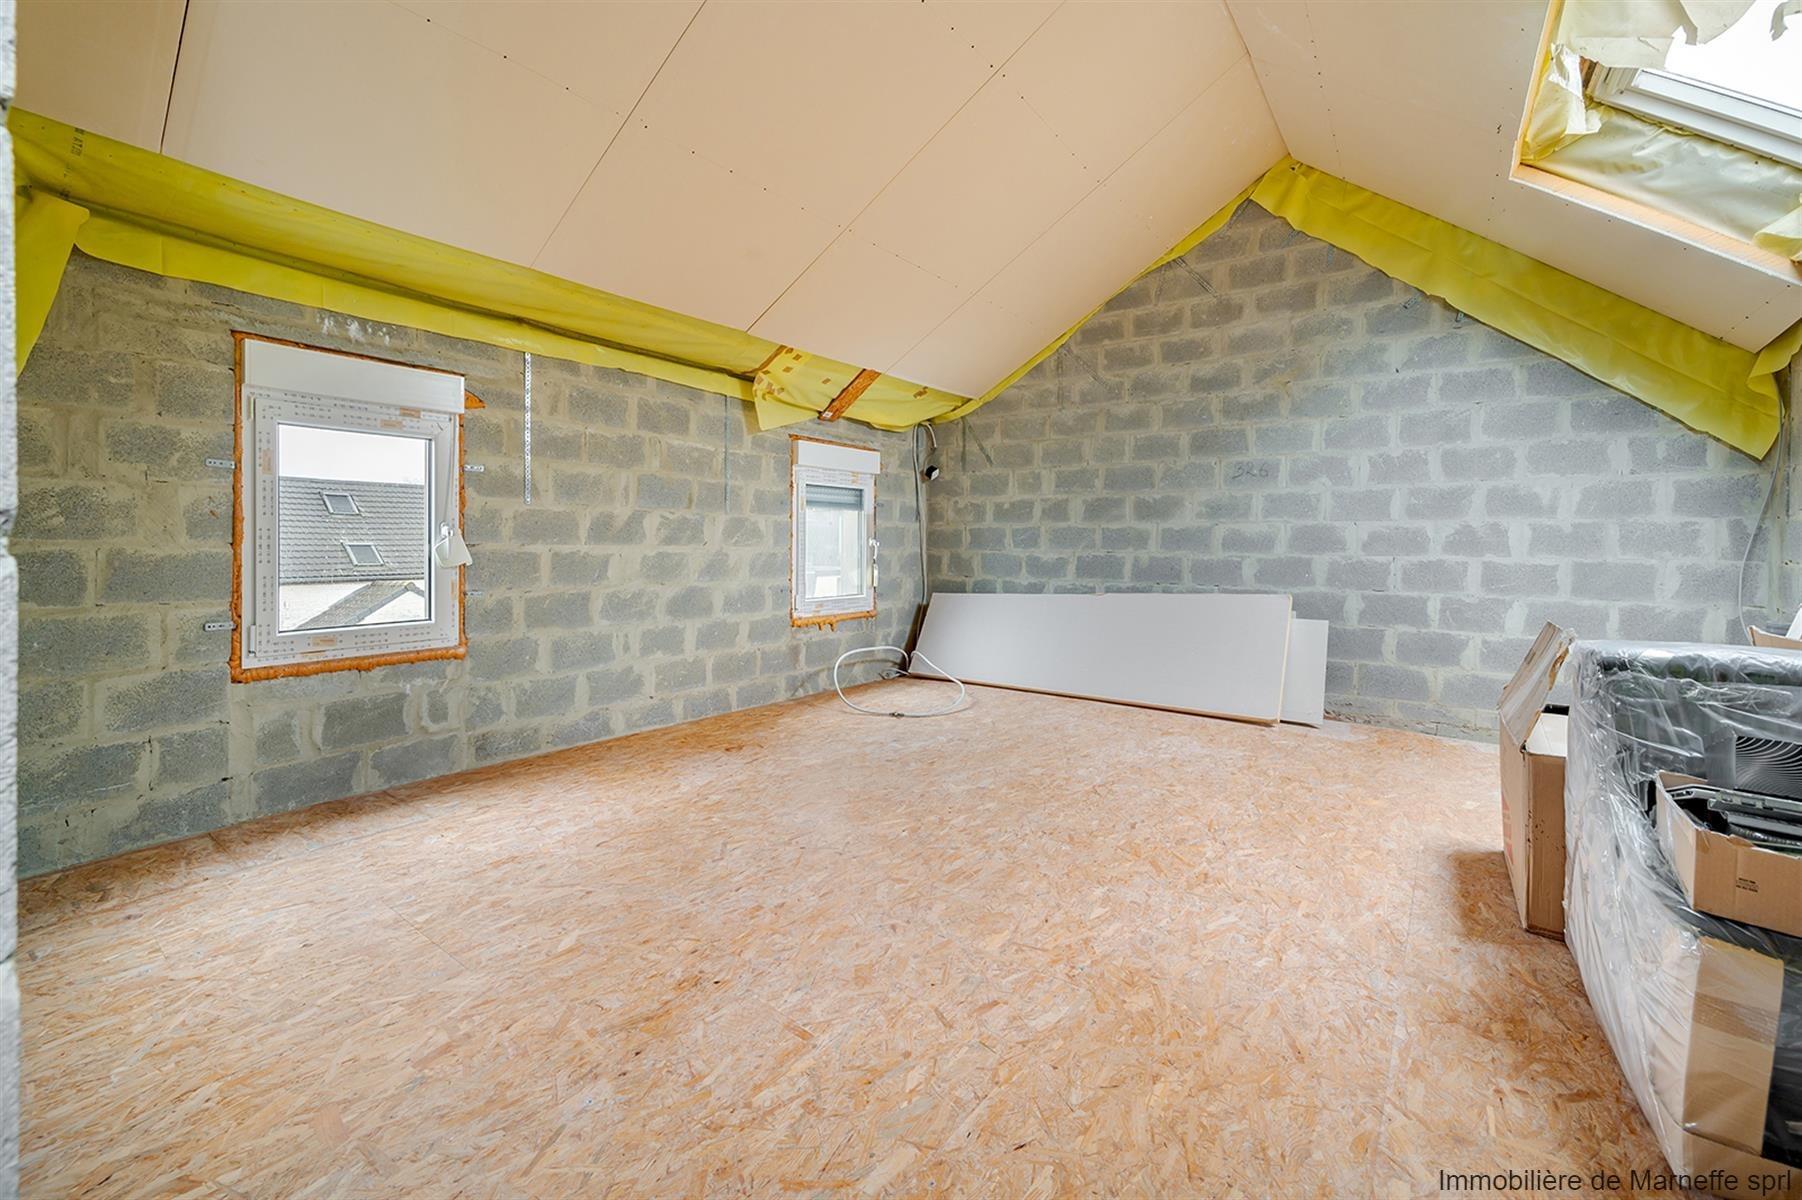 Maison - Villers-le-Bouillet - #4340473-12